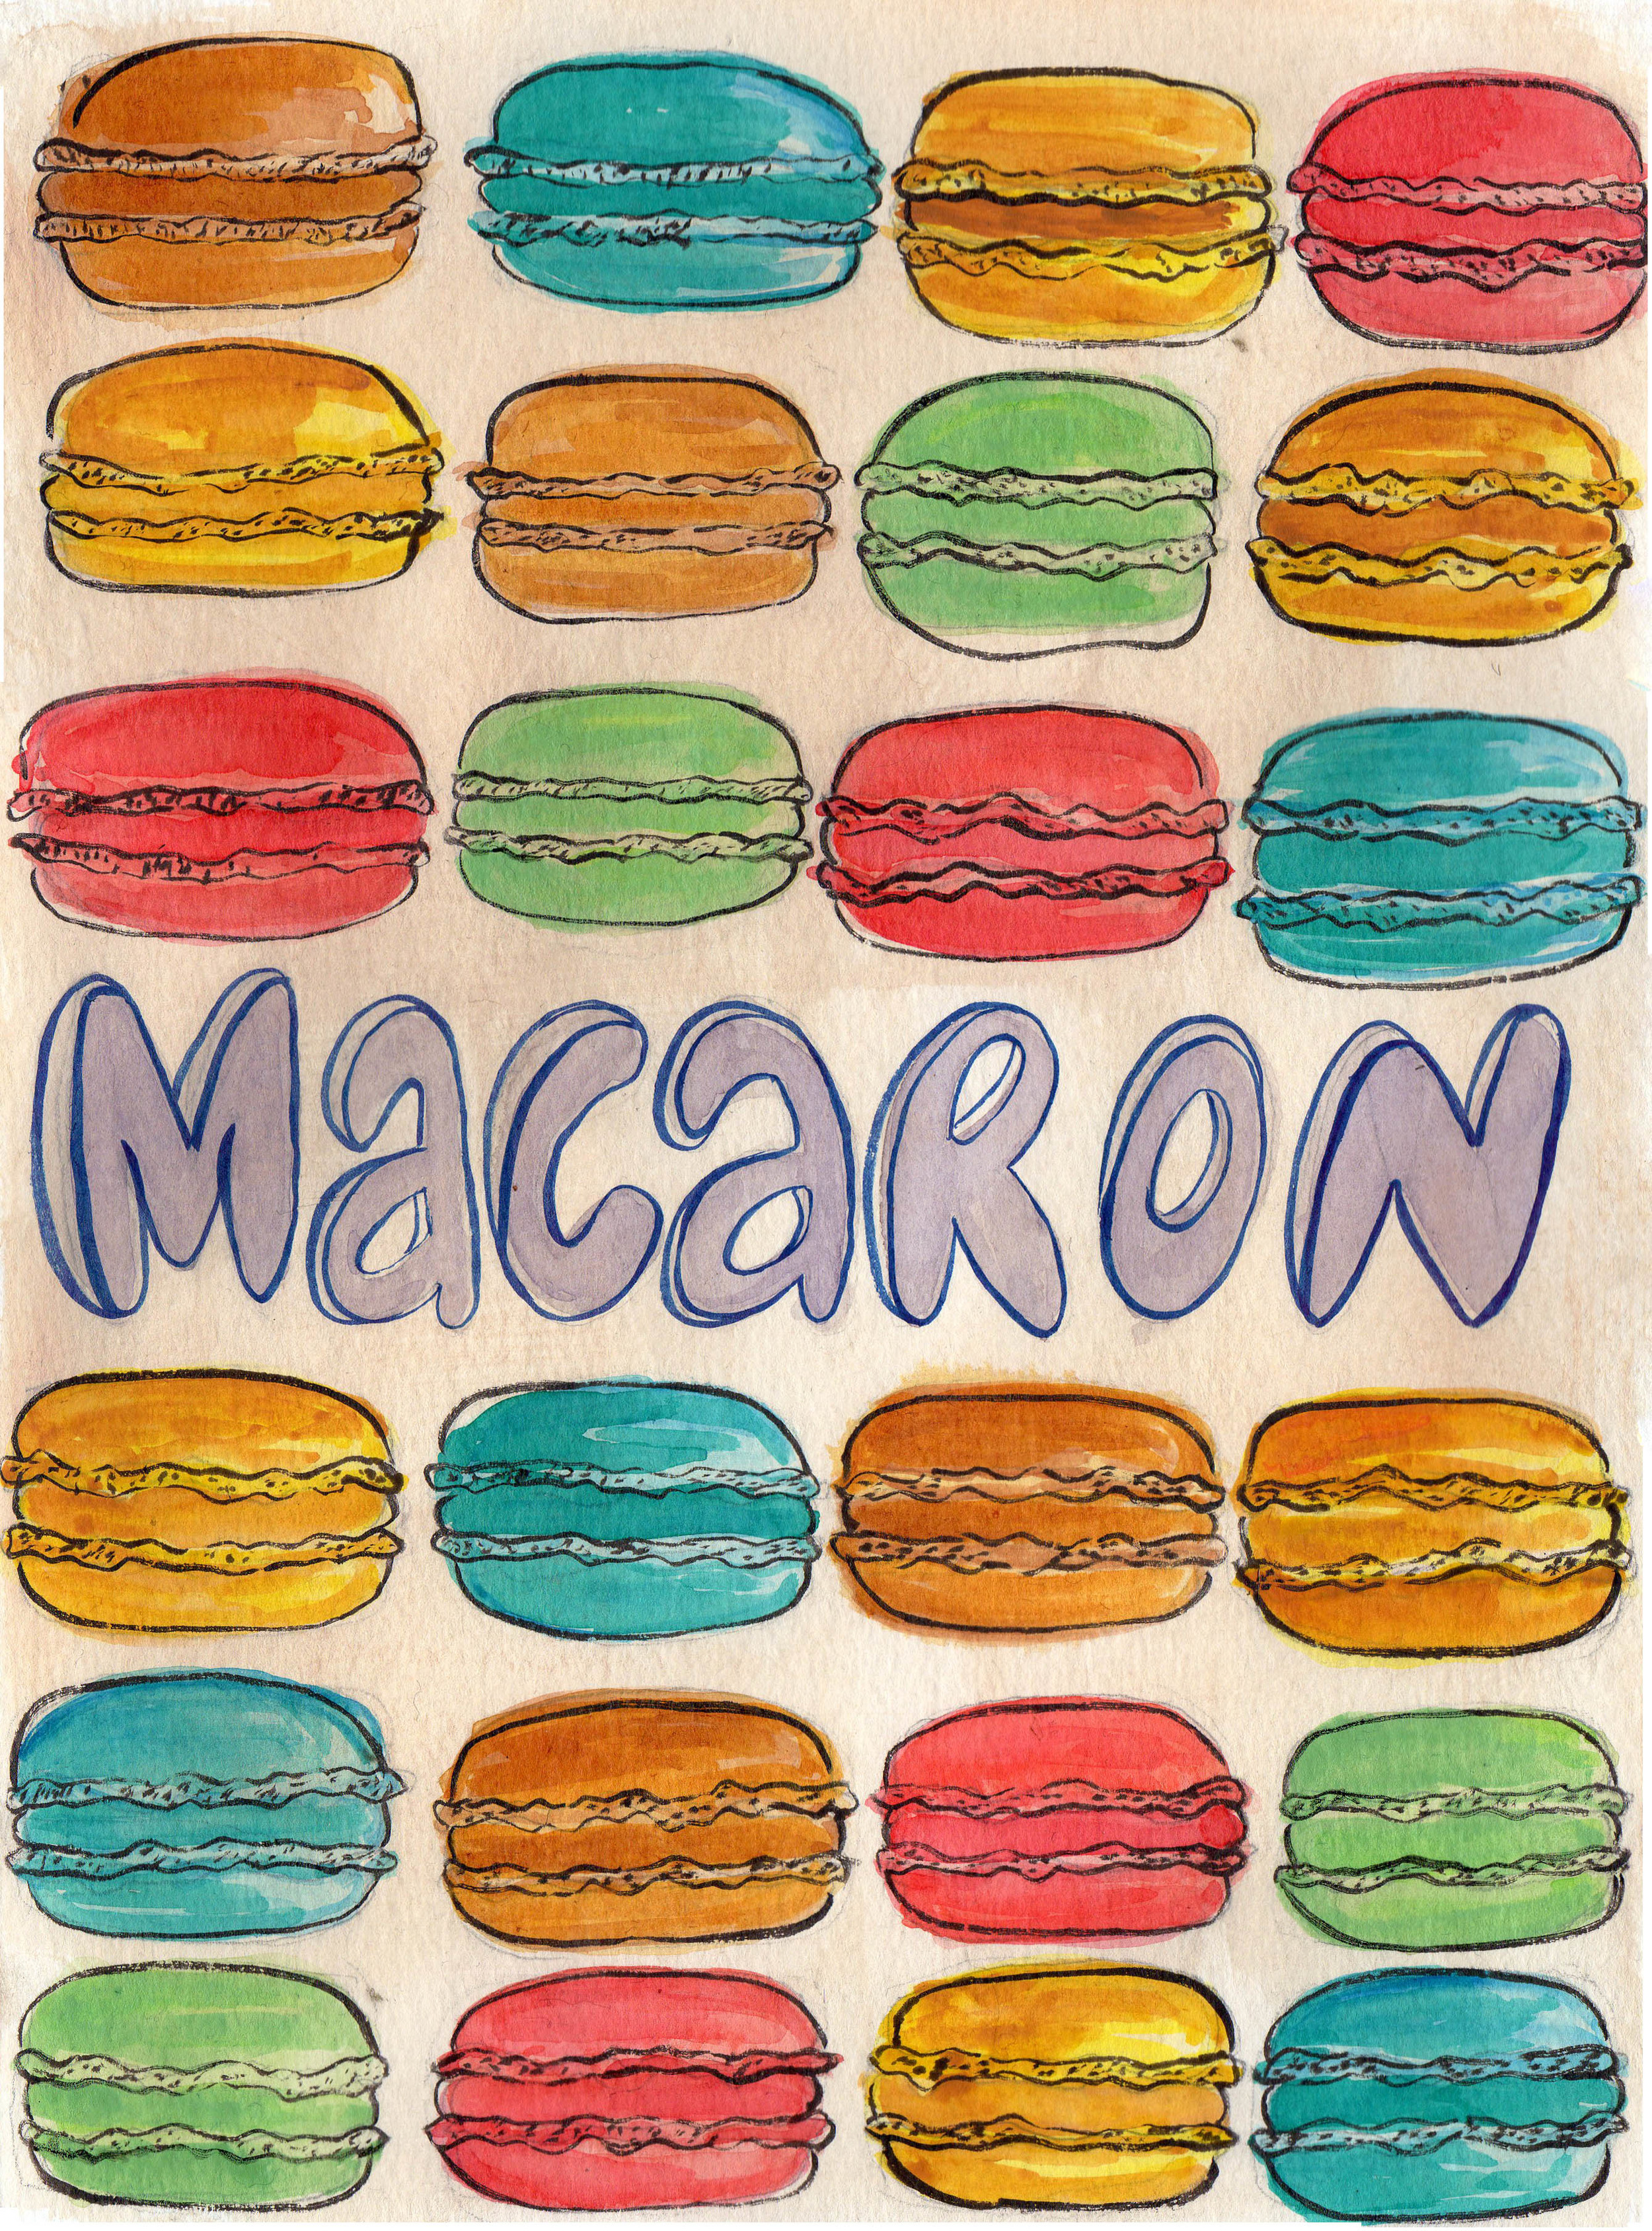 Macaron NOT Macaroon